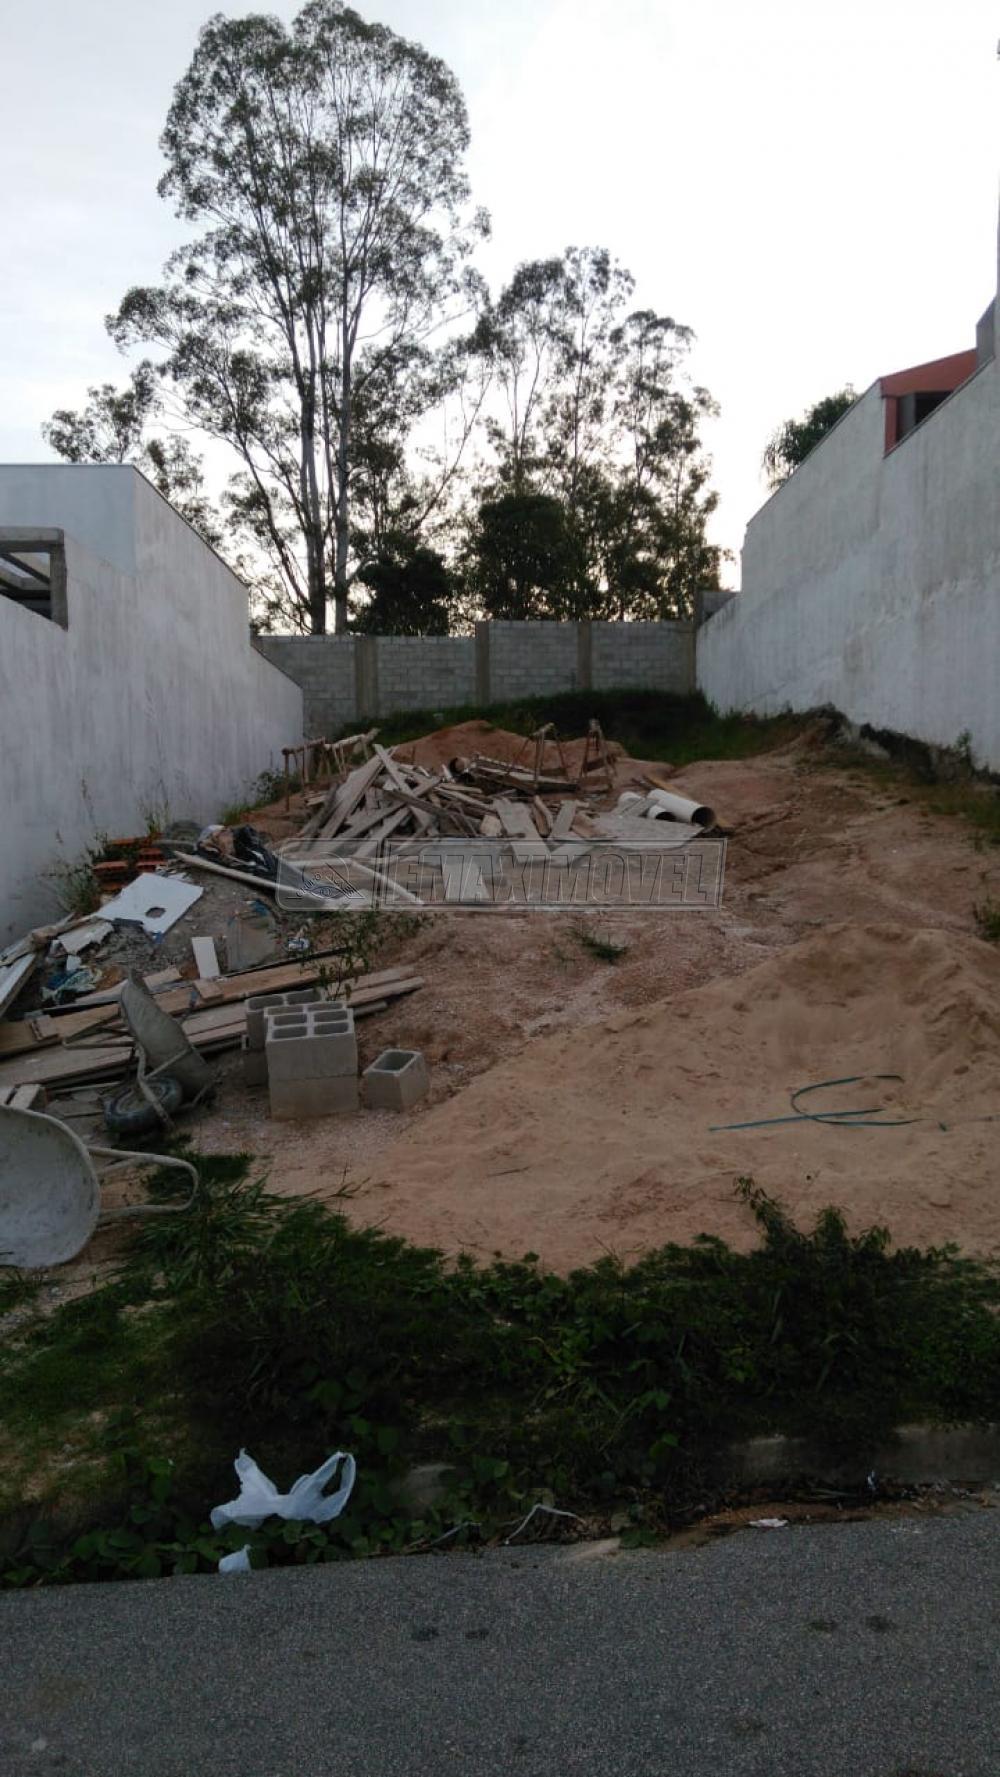 Comprar Terrenos / em Condomínios em Sorocaba apenas R$ 150.000,00 - Foto 4